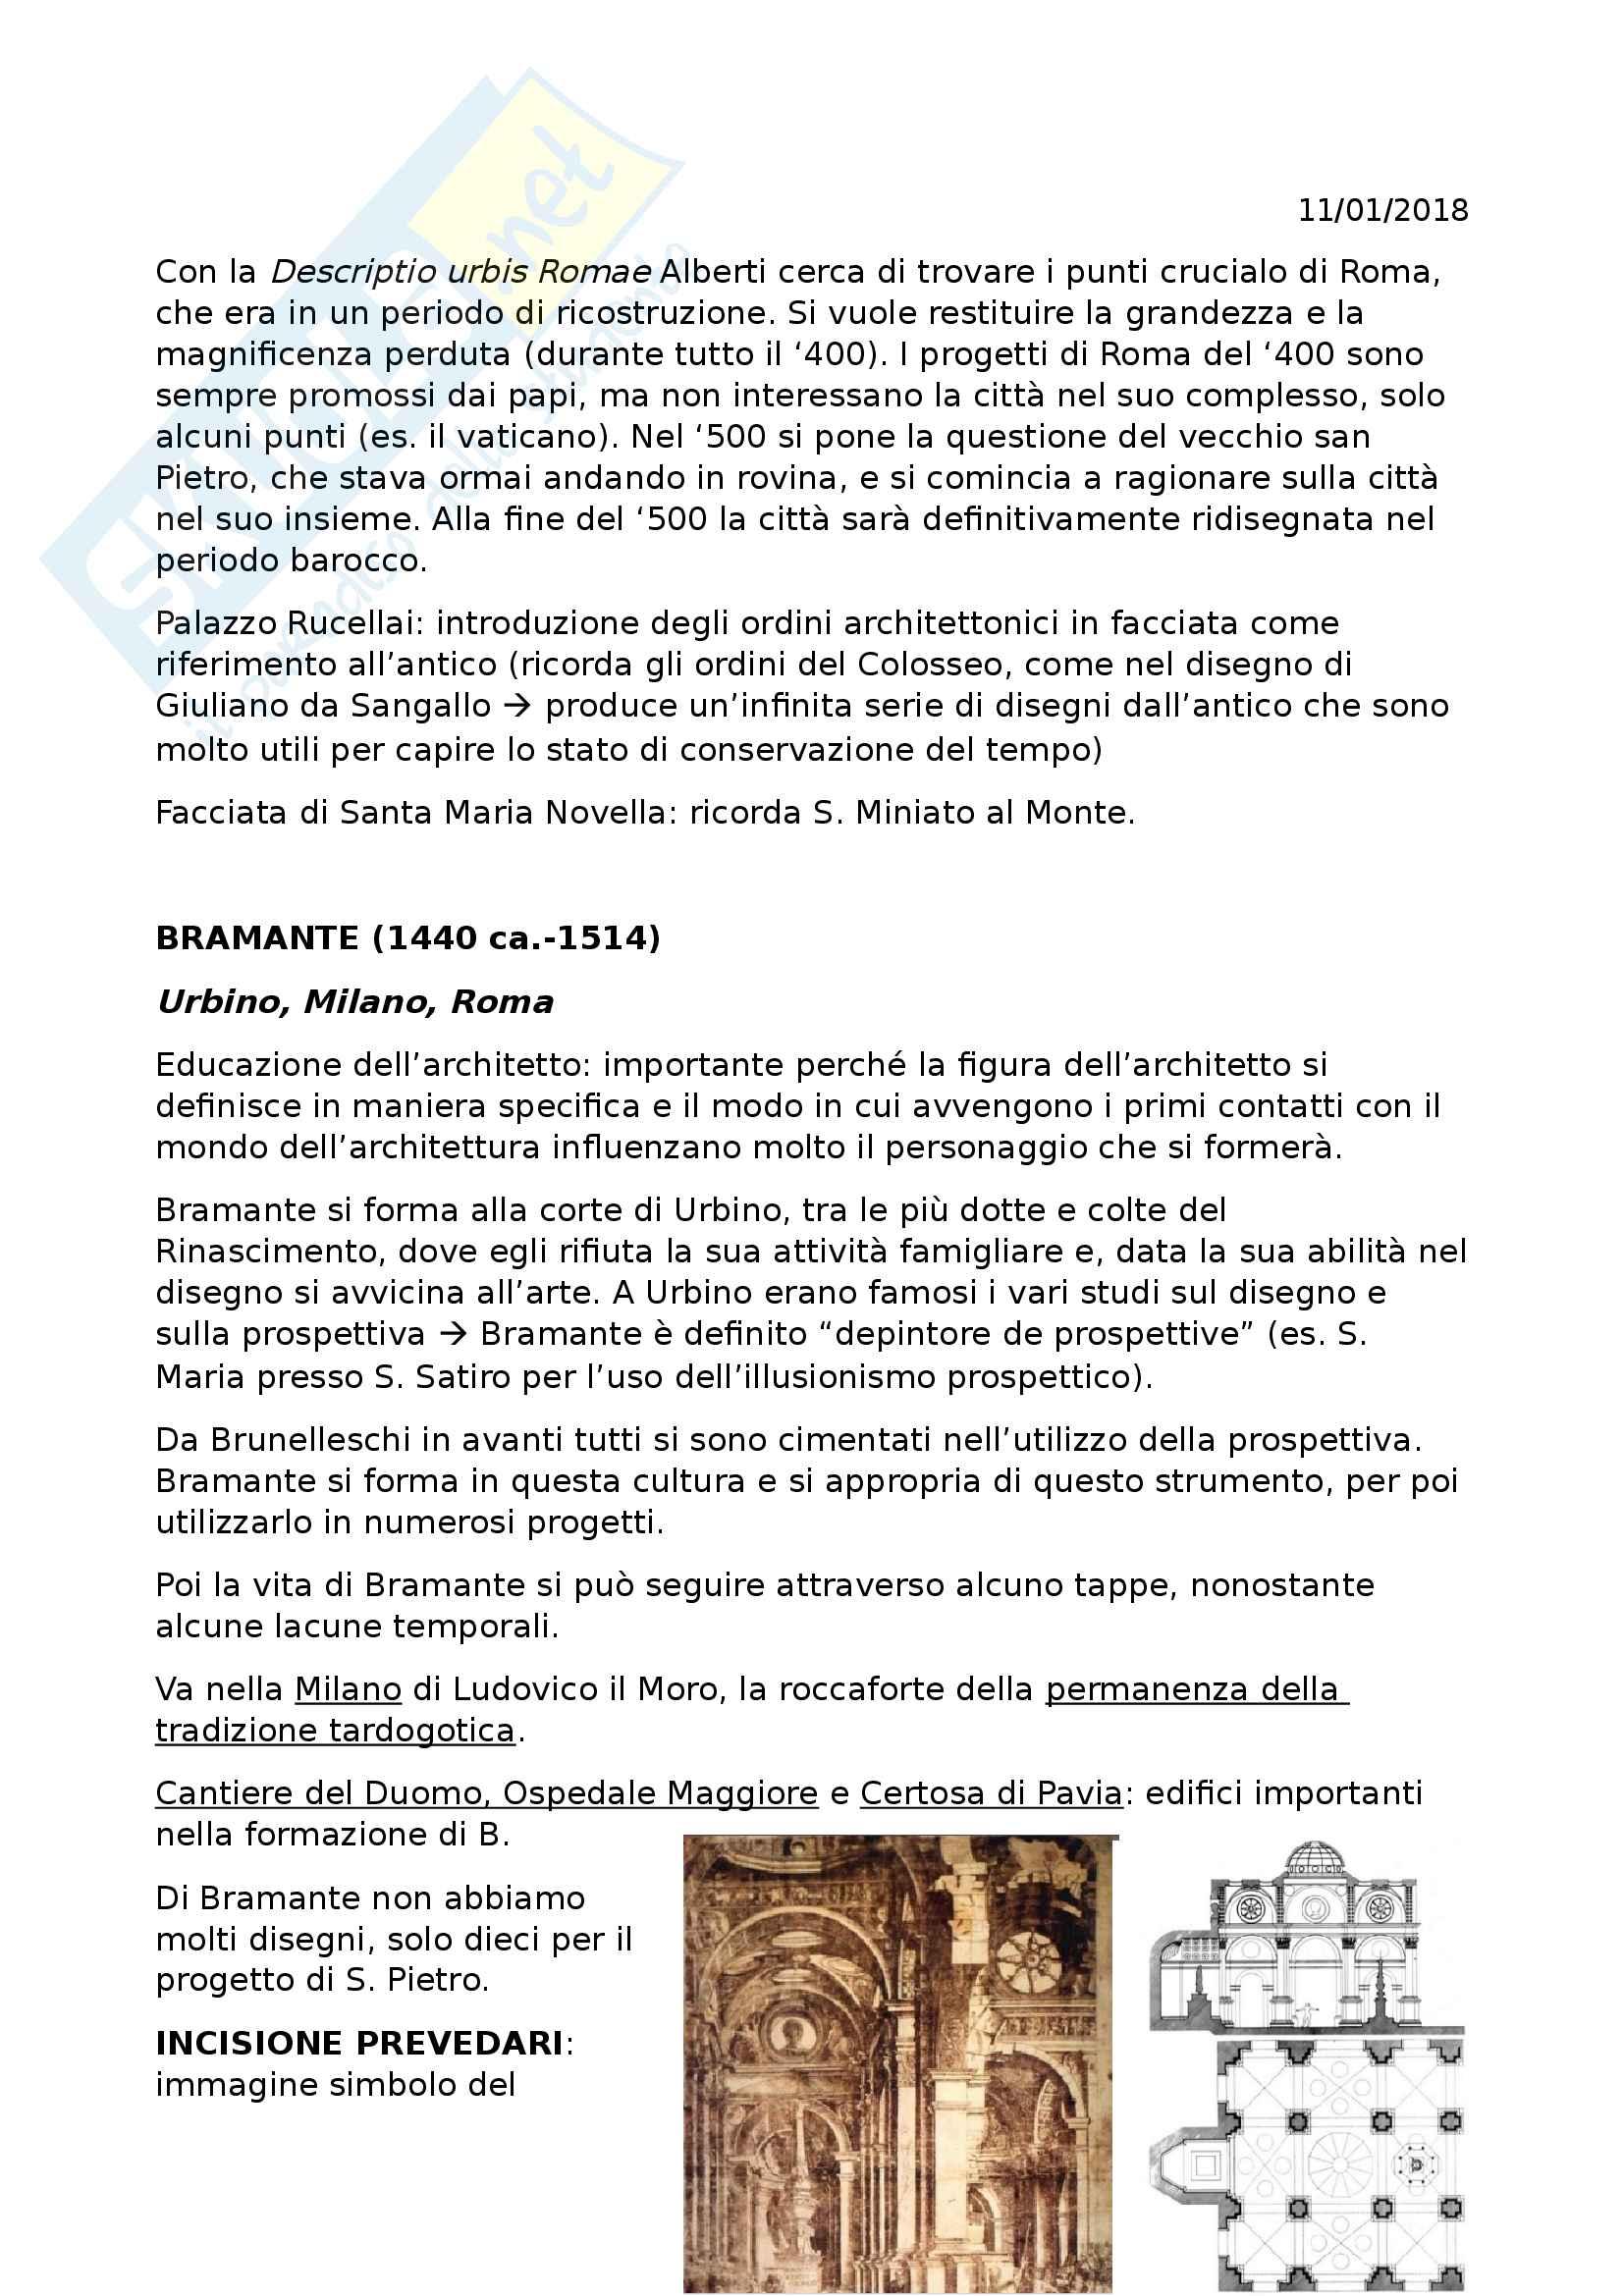 Storia dell'architettura: Bramante